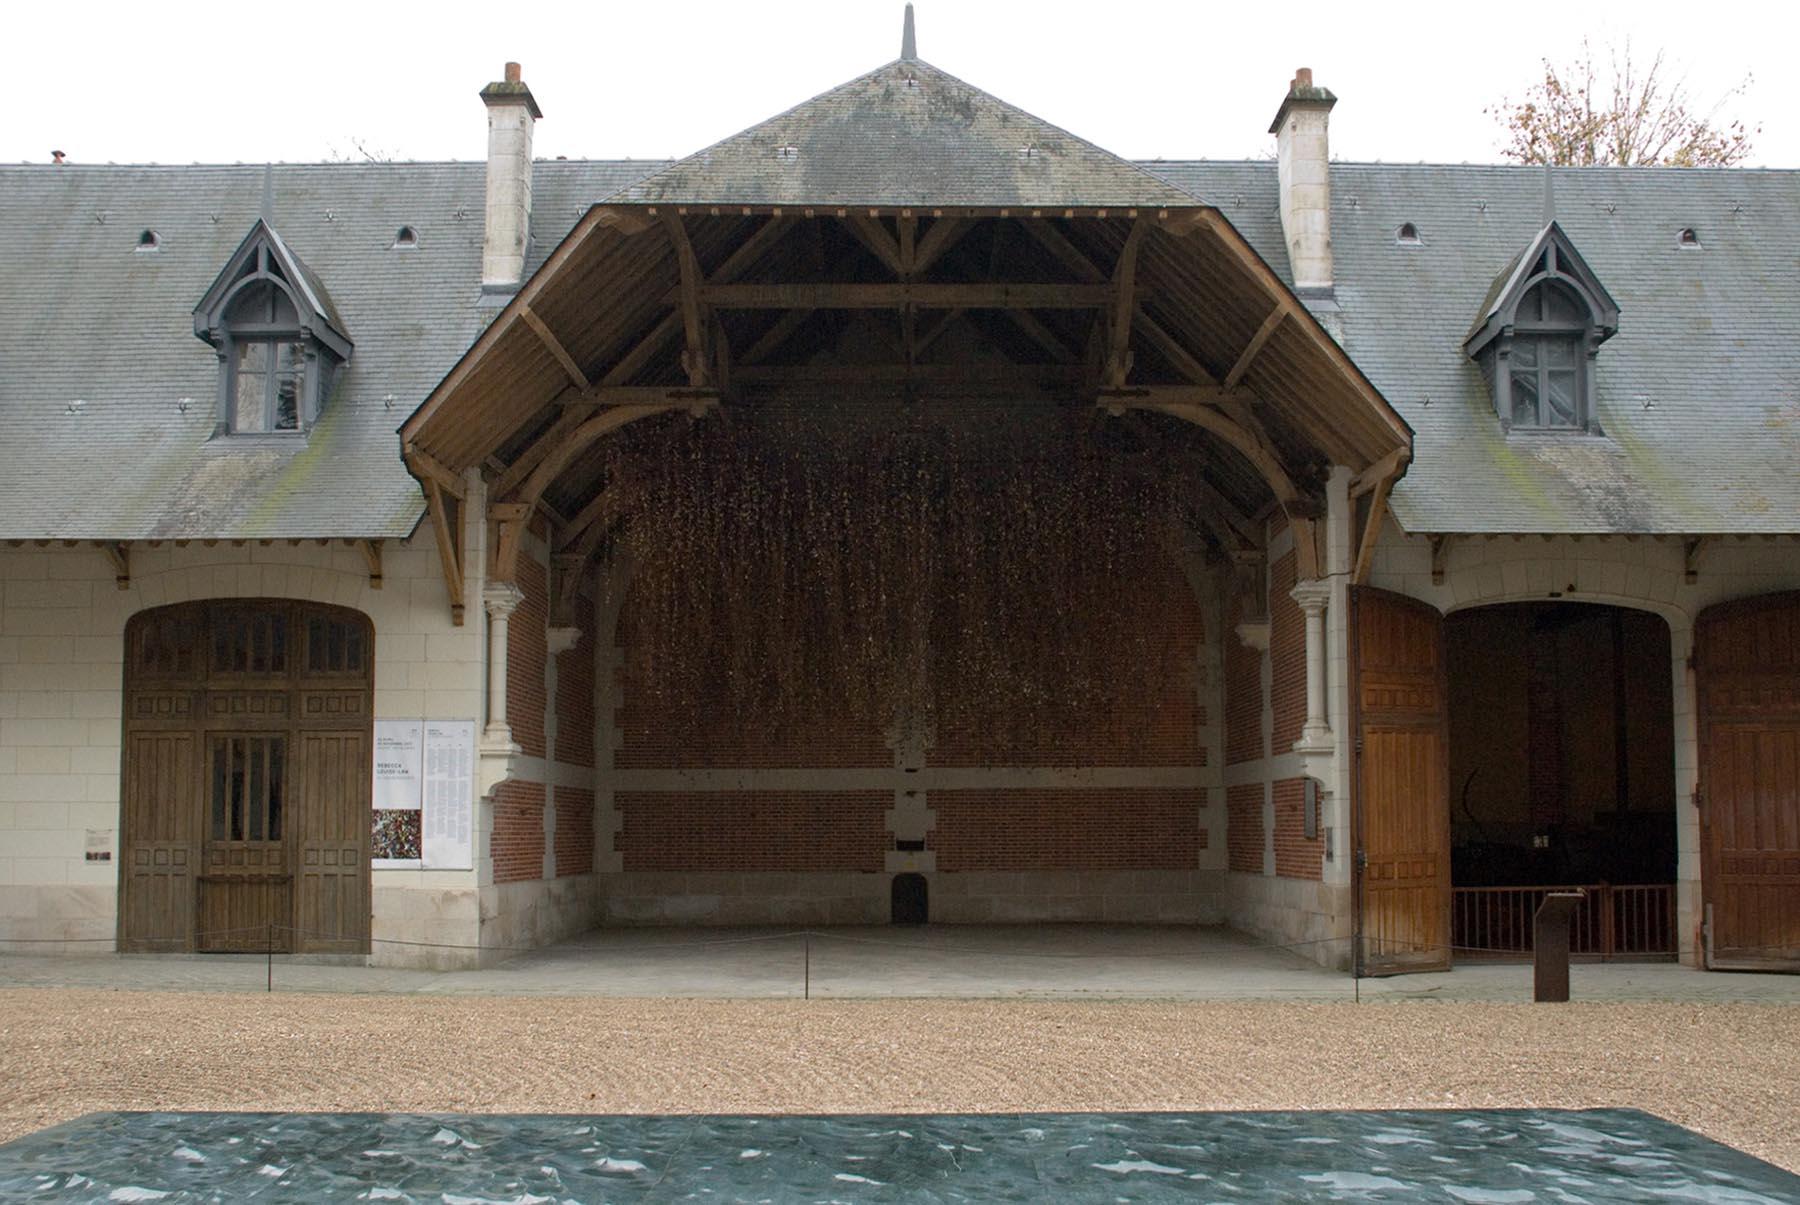 Chaumont-sur-Loire. In der Sattlerei sind prachtvolle Pferdegeschirre, insbesondere vom Hersteller Hermès, und moderne Kunst zu sehen.